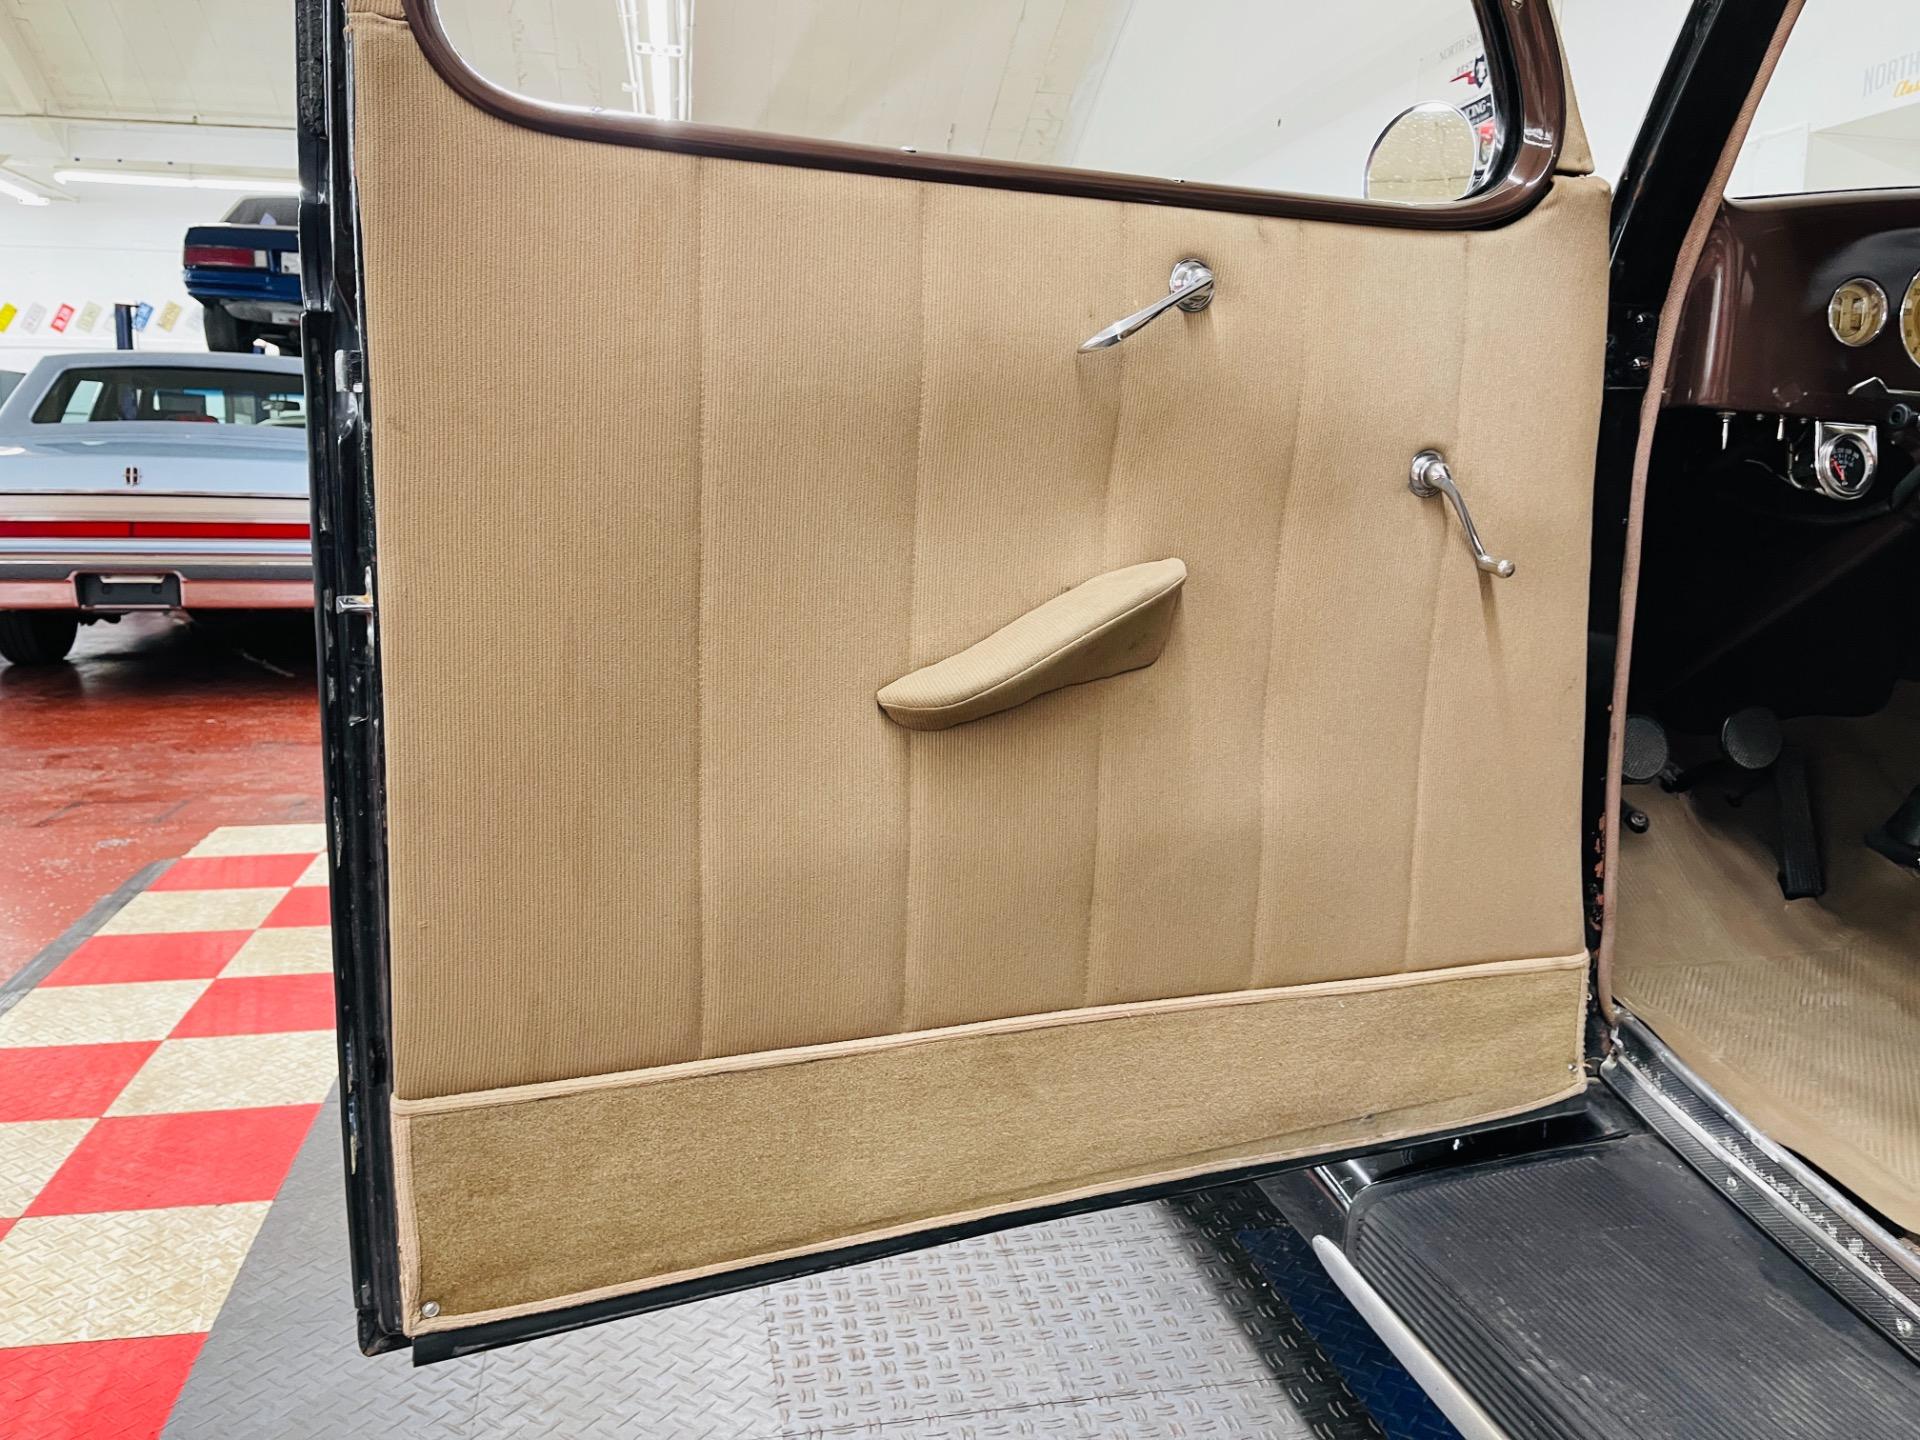 Used 1936 Ford Sedan - 2 DOOR SEDAN - FLATHEAD ENGINE - SEE VIDEO -   Mundelein, IL